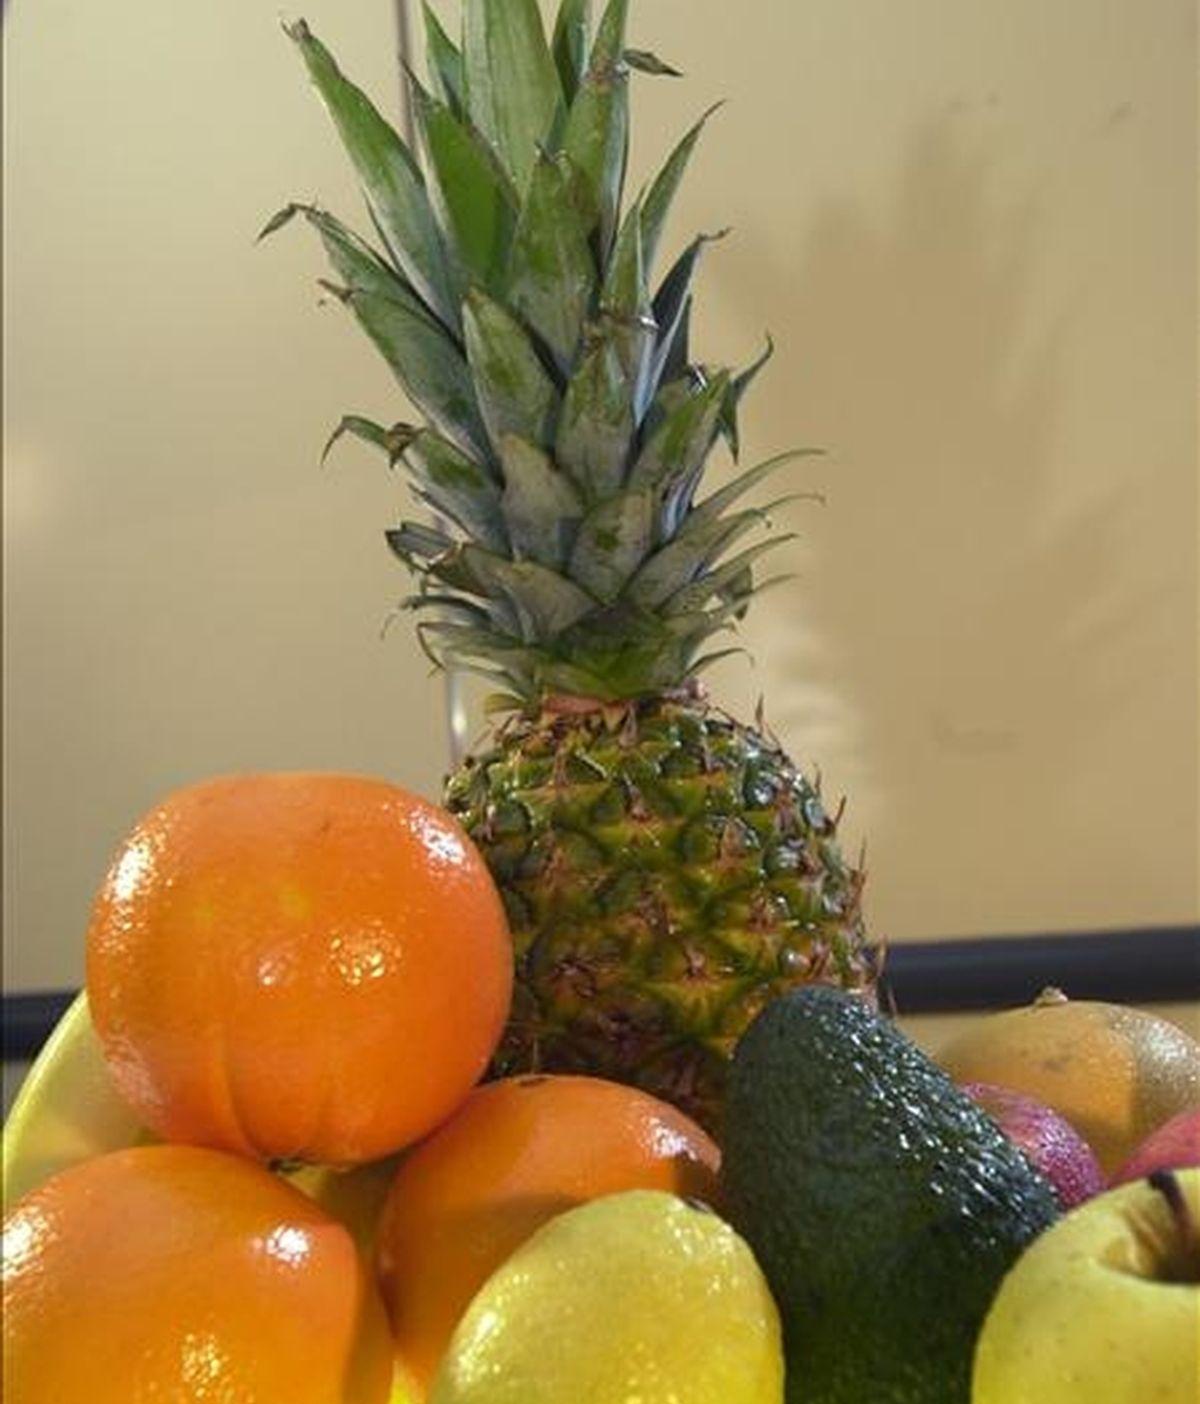 Las naranjas y los limones, los productos que más bajaron en diciembre. EFE/Archivo